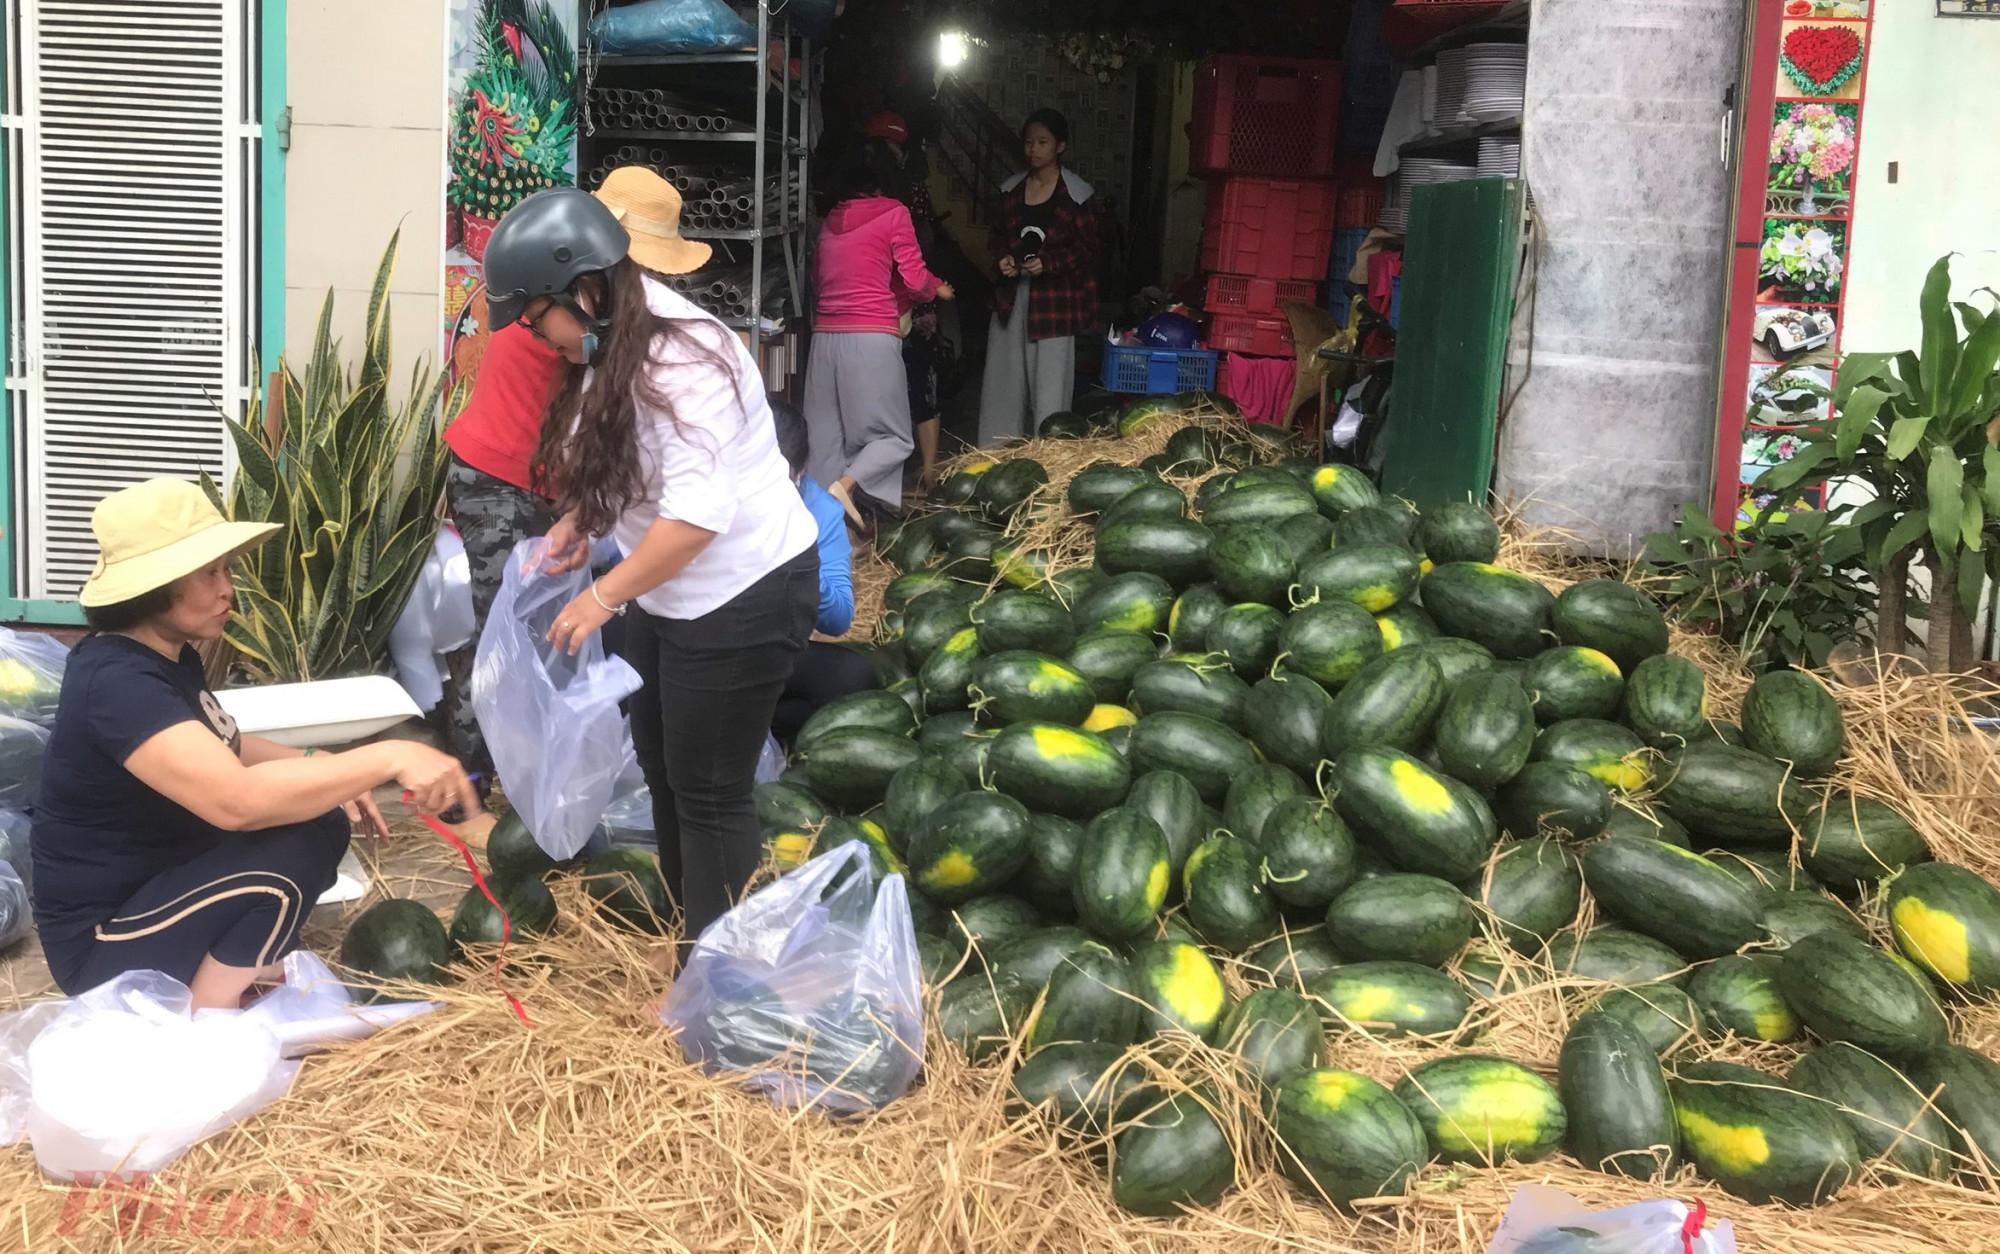 Chị Hậu vận động hội viên tham gia giải cứu dưa và vận động người dân đến mua ủng hộ cho bà con nông dân Gia Lai.